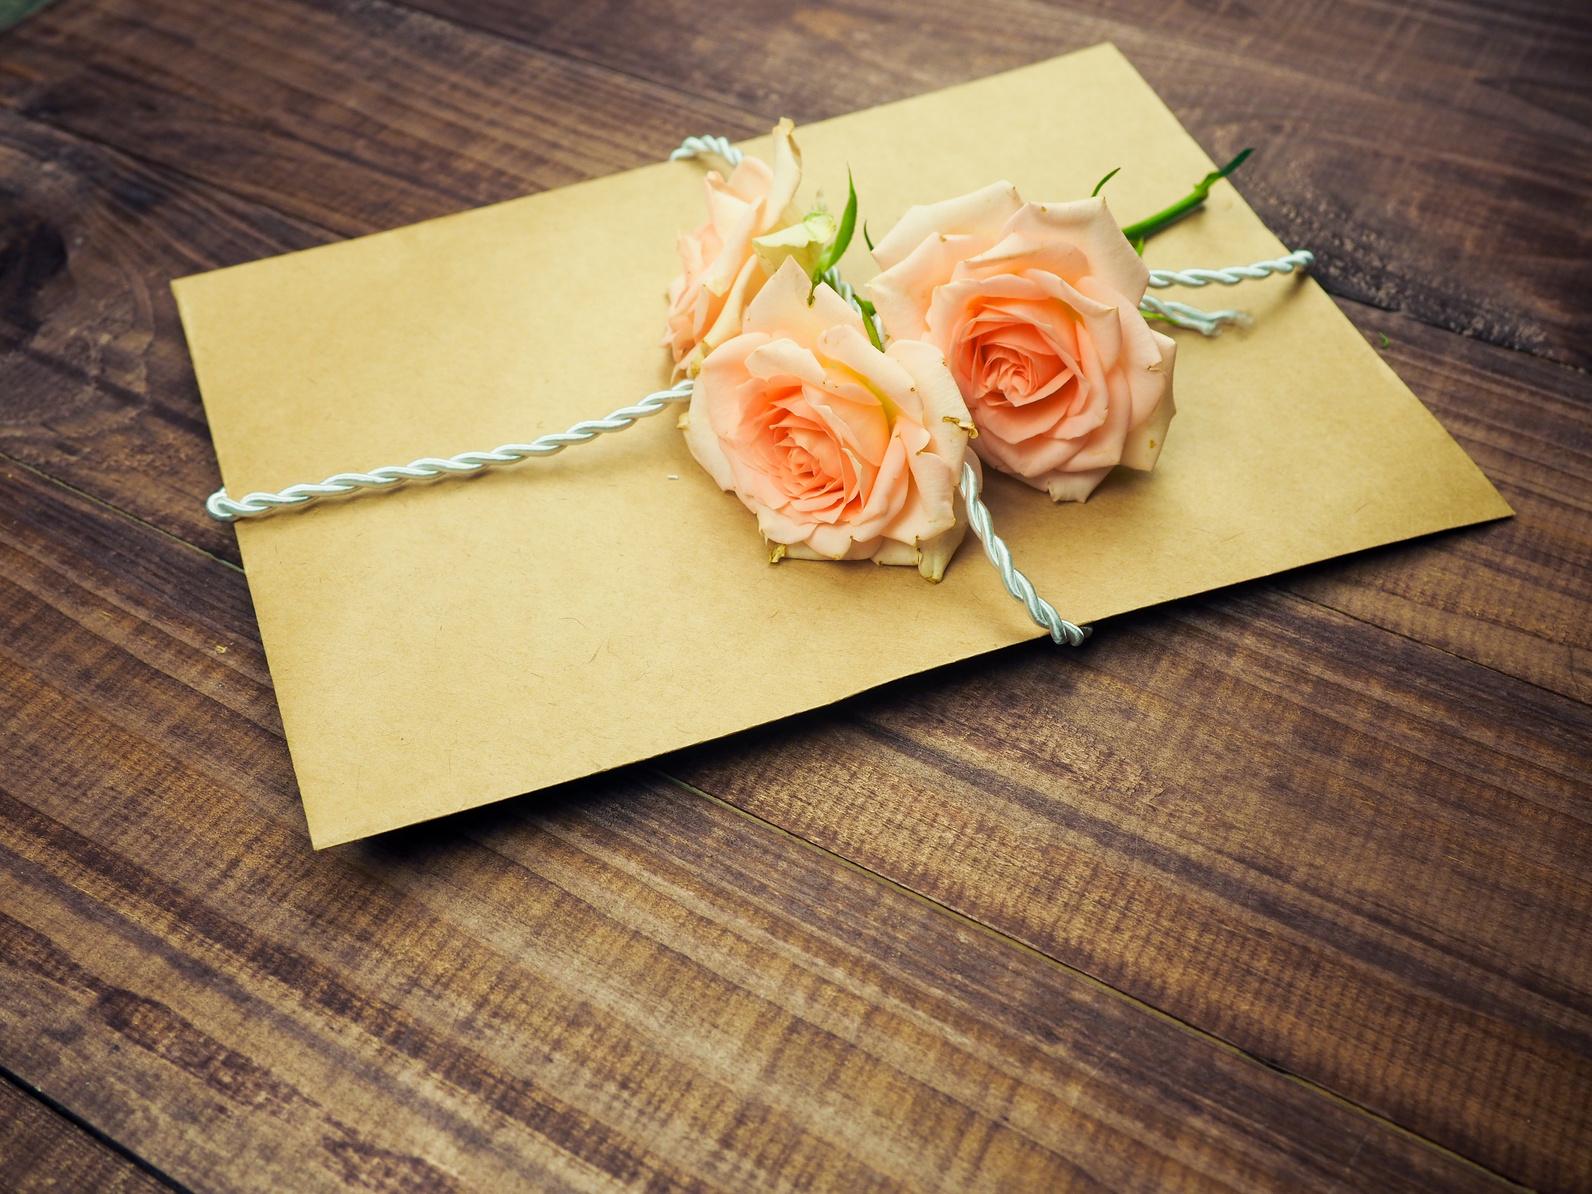 Jak Wybrać Zaproszenia ślubne Które Zapadną W Pamięć Planujemywesele